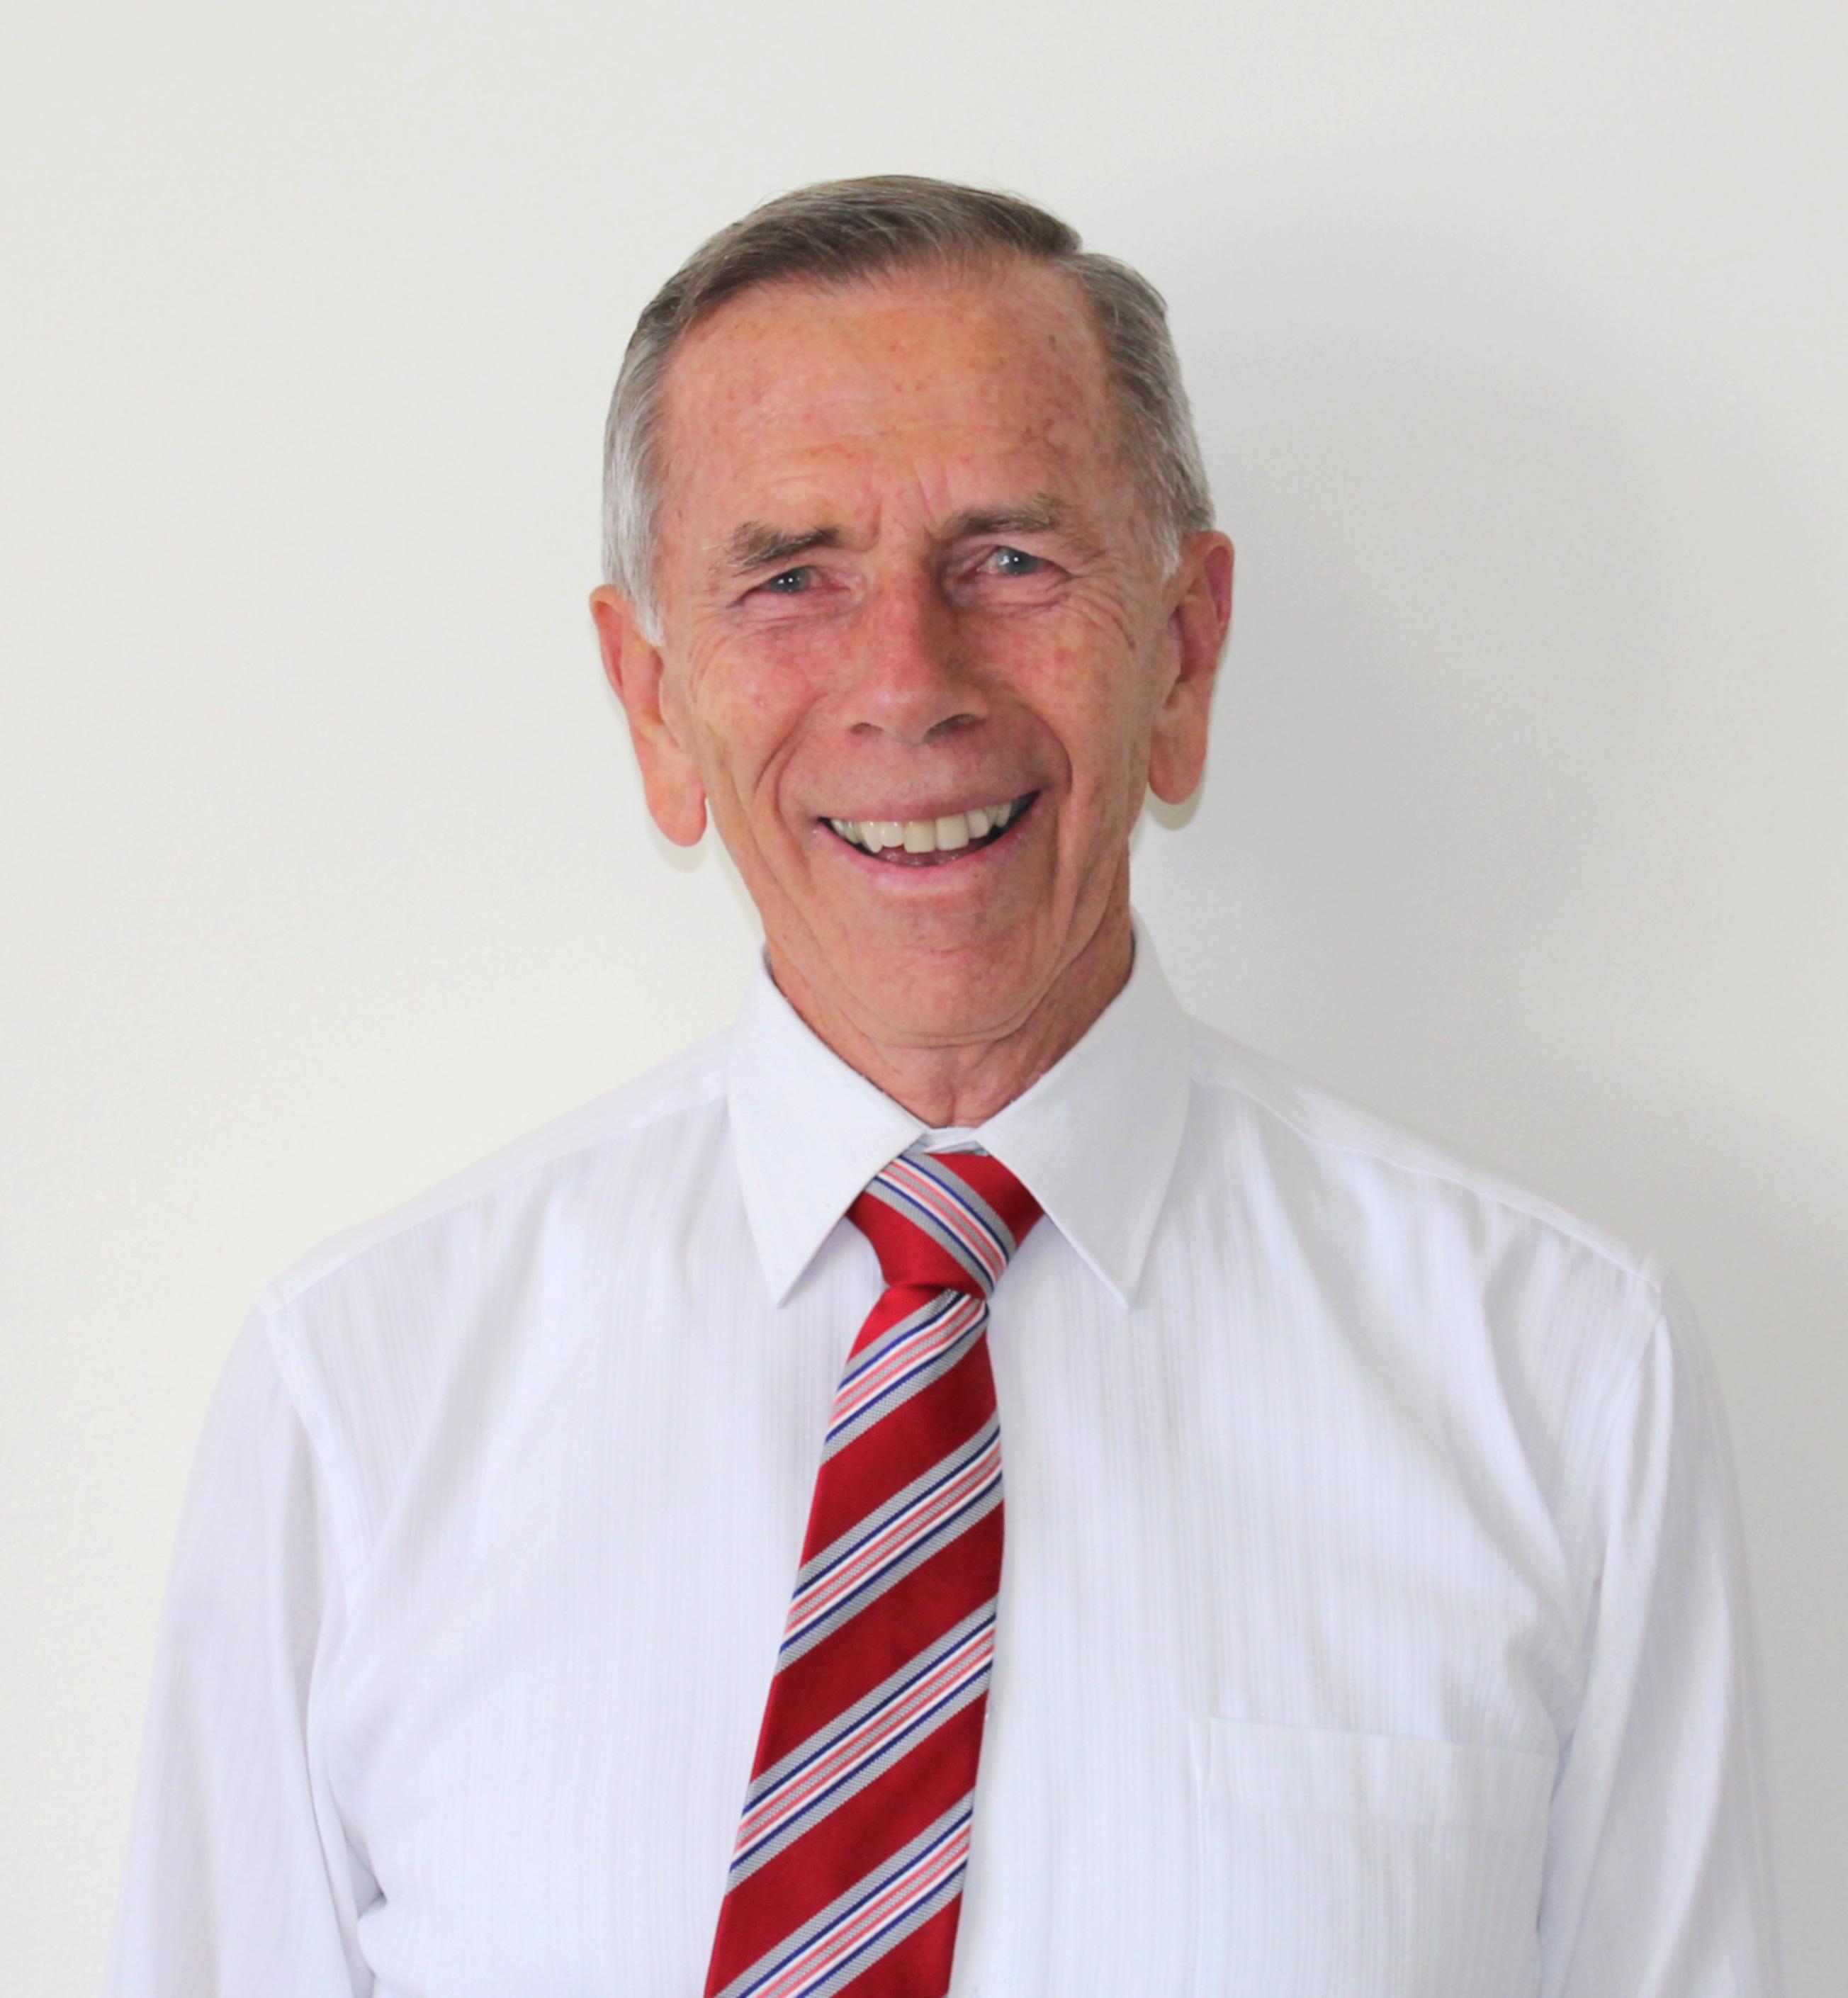 Dr Rodney Steventon